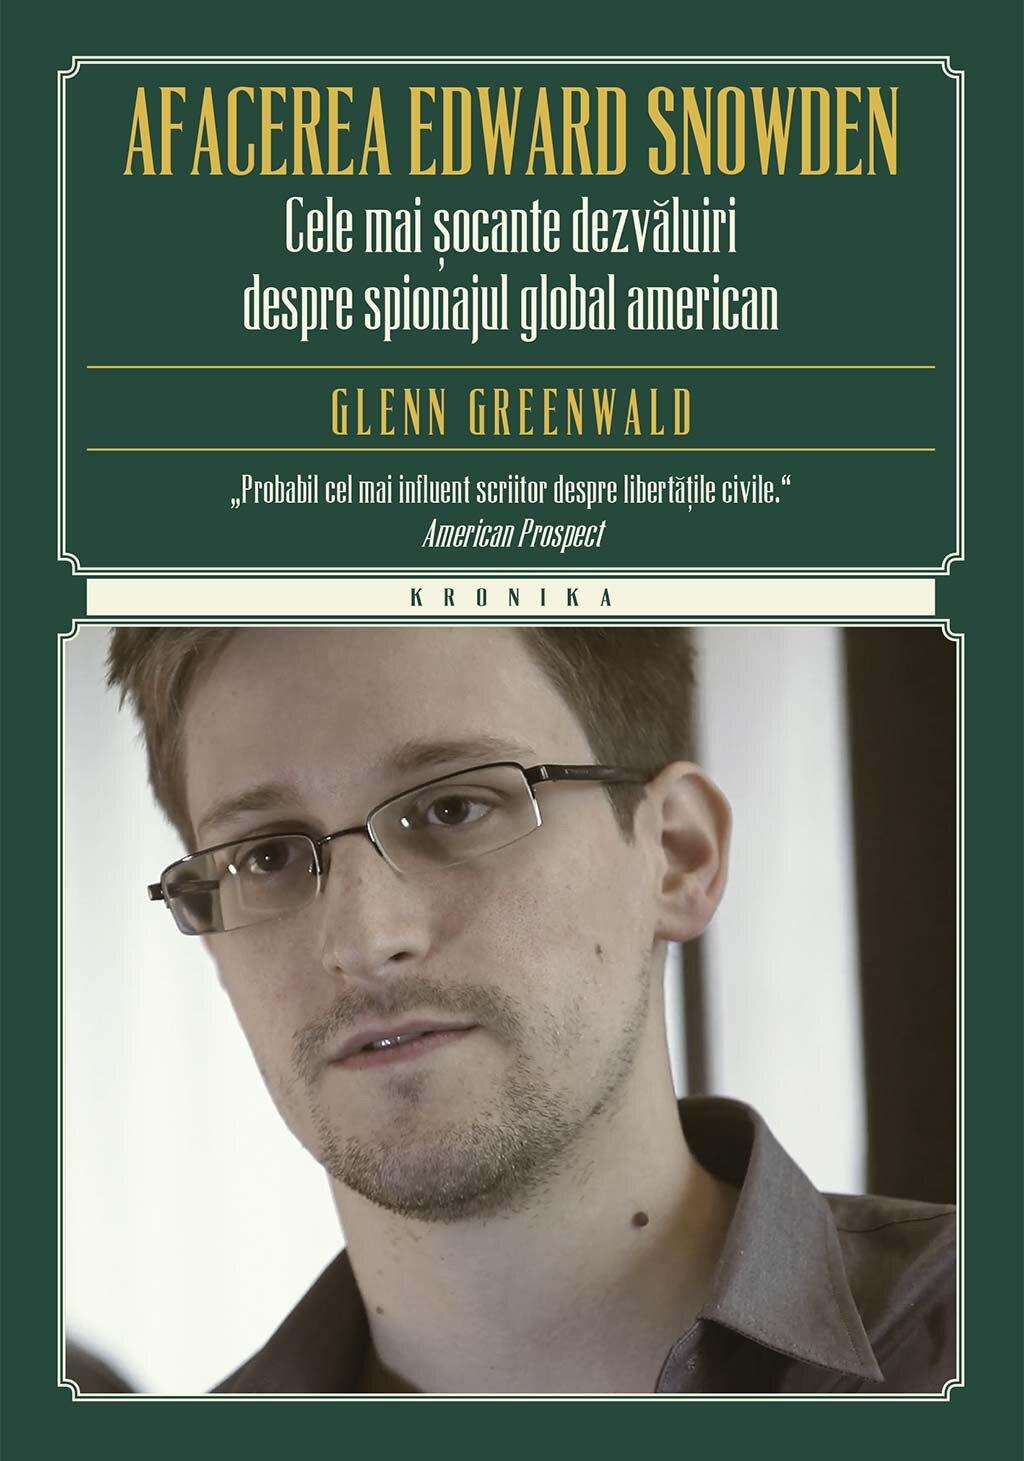 Afacerea Edward Snowden. Cele mai socante dezvaluiri despre spionajul global american PDF (Download eBook)